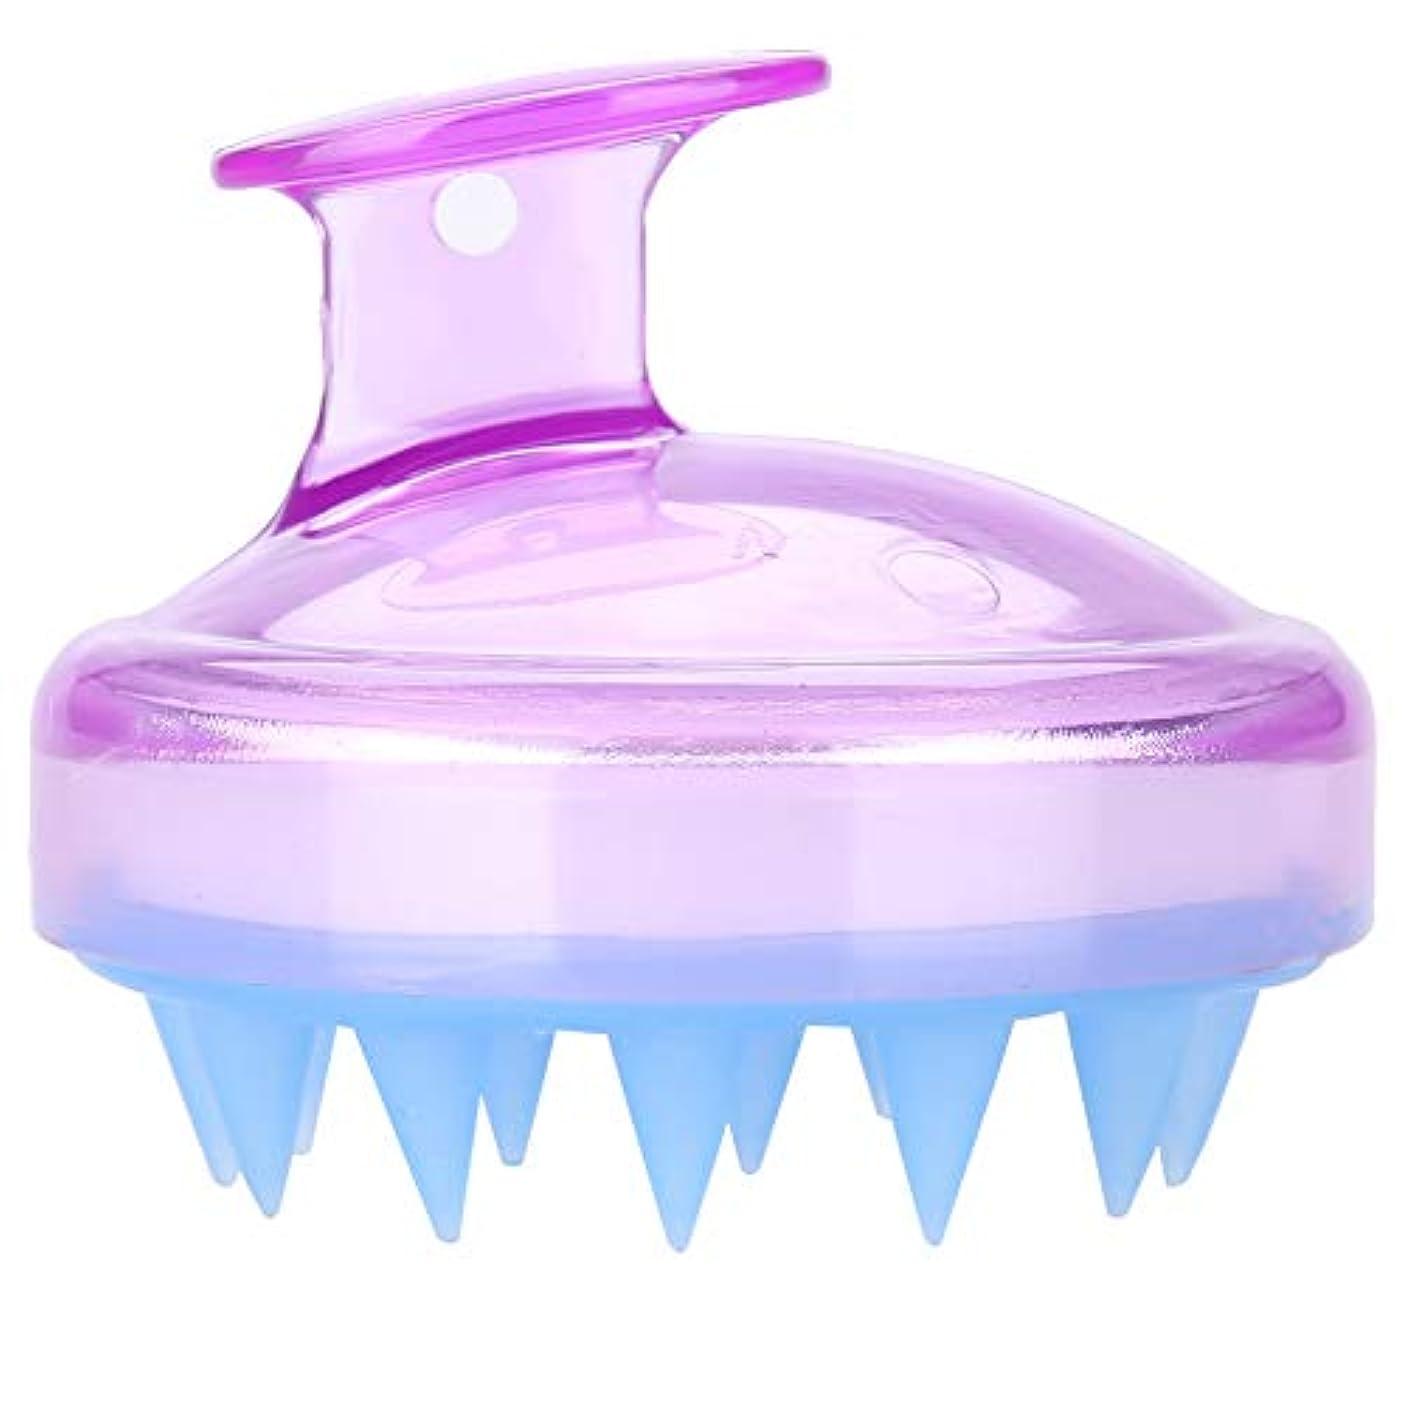 つまずくフルート属性5色マッサージャーヘッド - スカルプマッサージャー、マッサージャーブラシヘッドシャンプー - ボディ洗浄マッサージャーのためのシャワーブラシ(紫の)